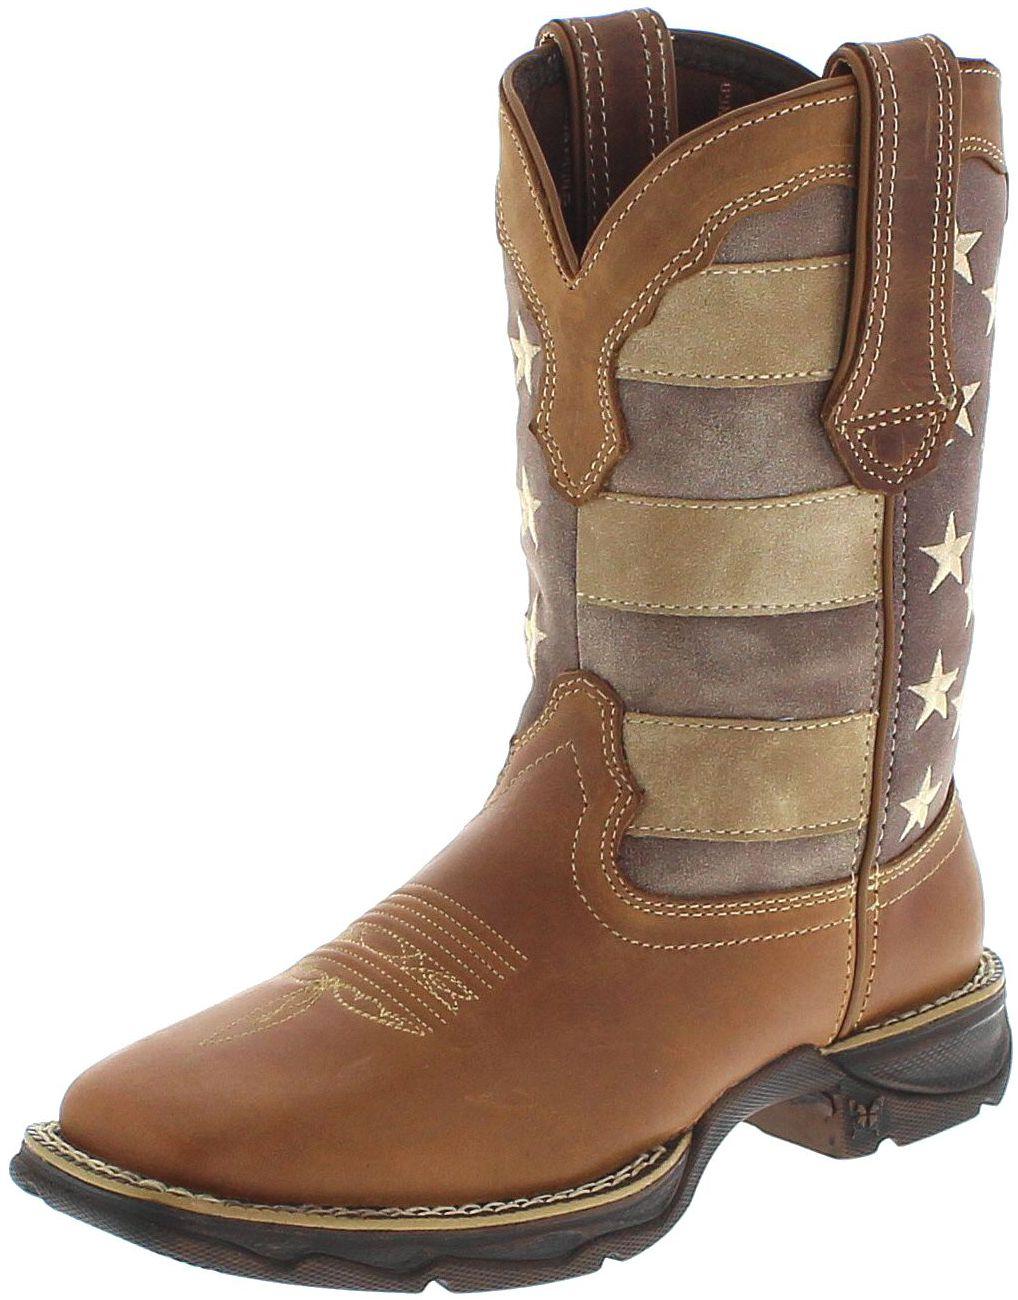 Durango Boots DRD0107 LADY REBEL Brown Westernreitstiefel - braun